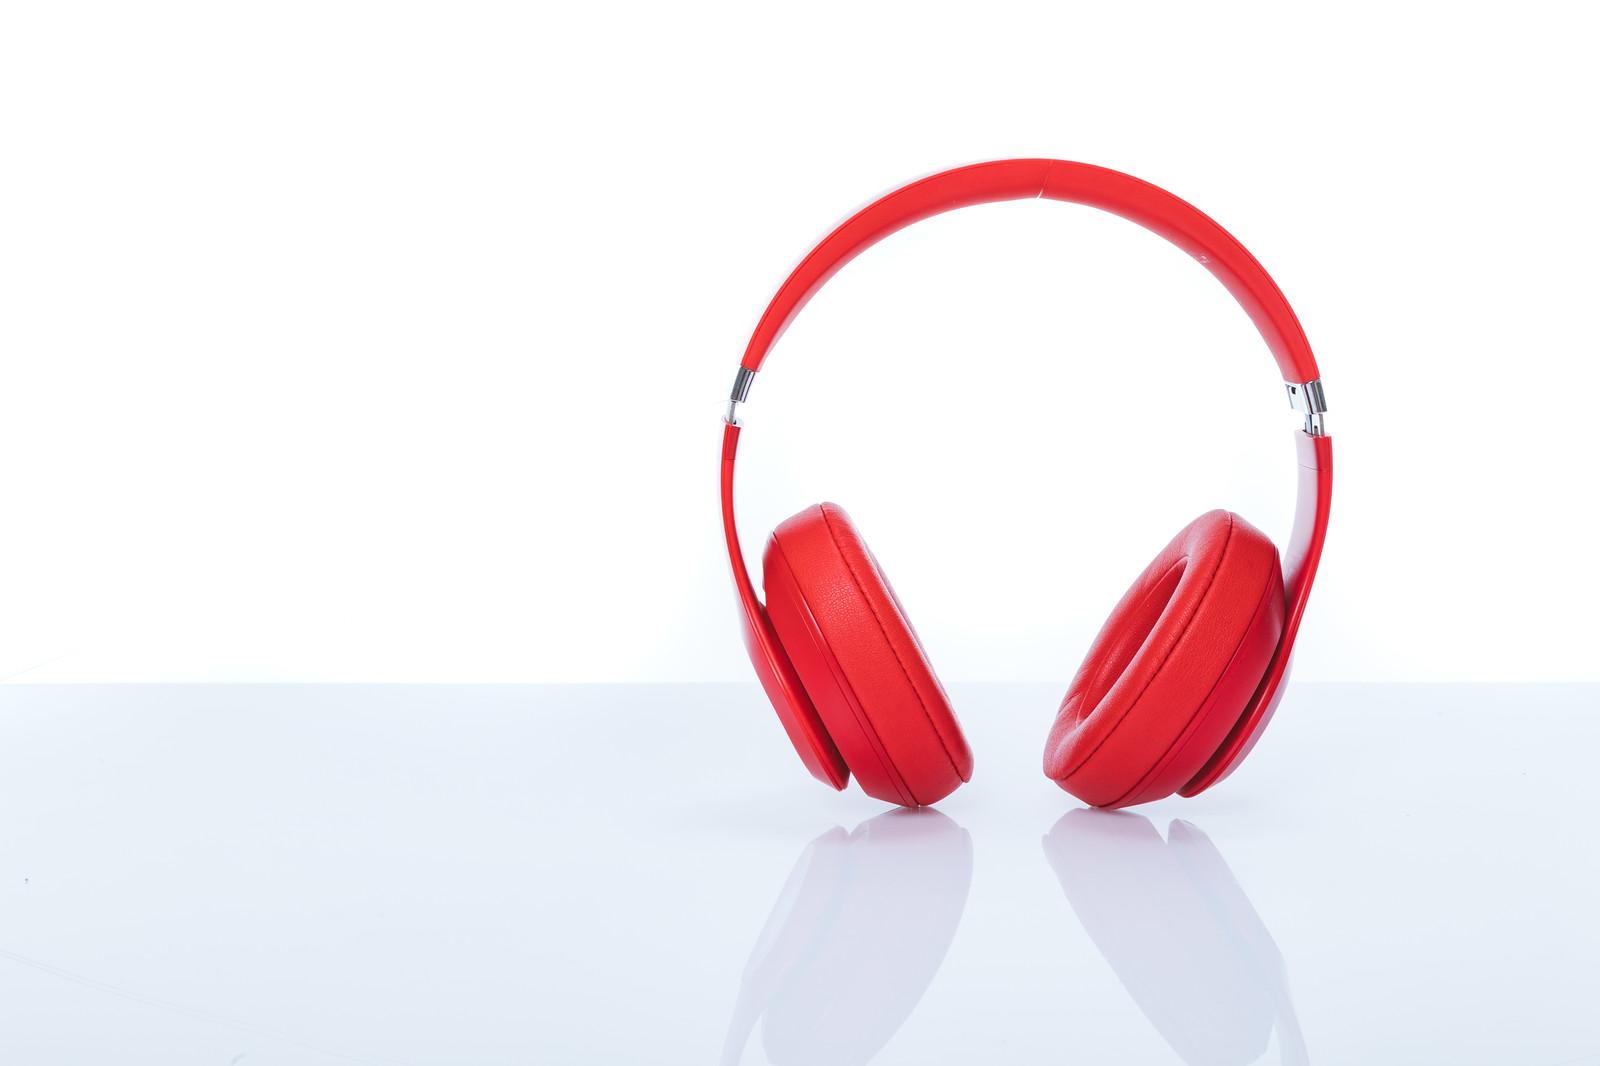 【BGM選び】海外の著作権フリー音源、もっと使おうよっていう話